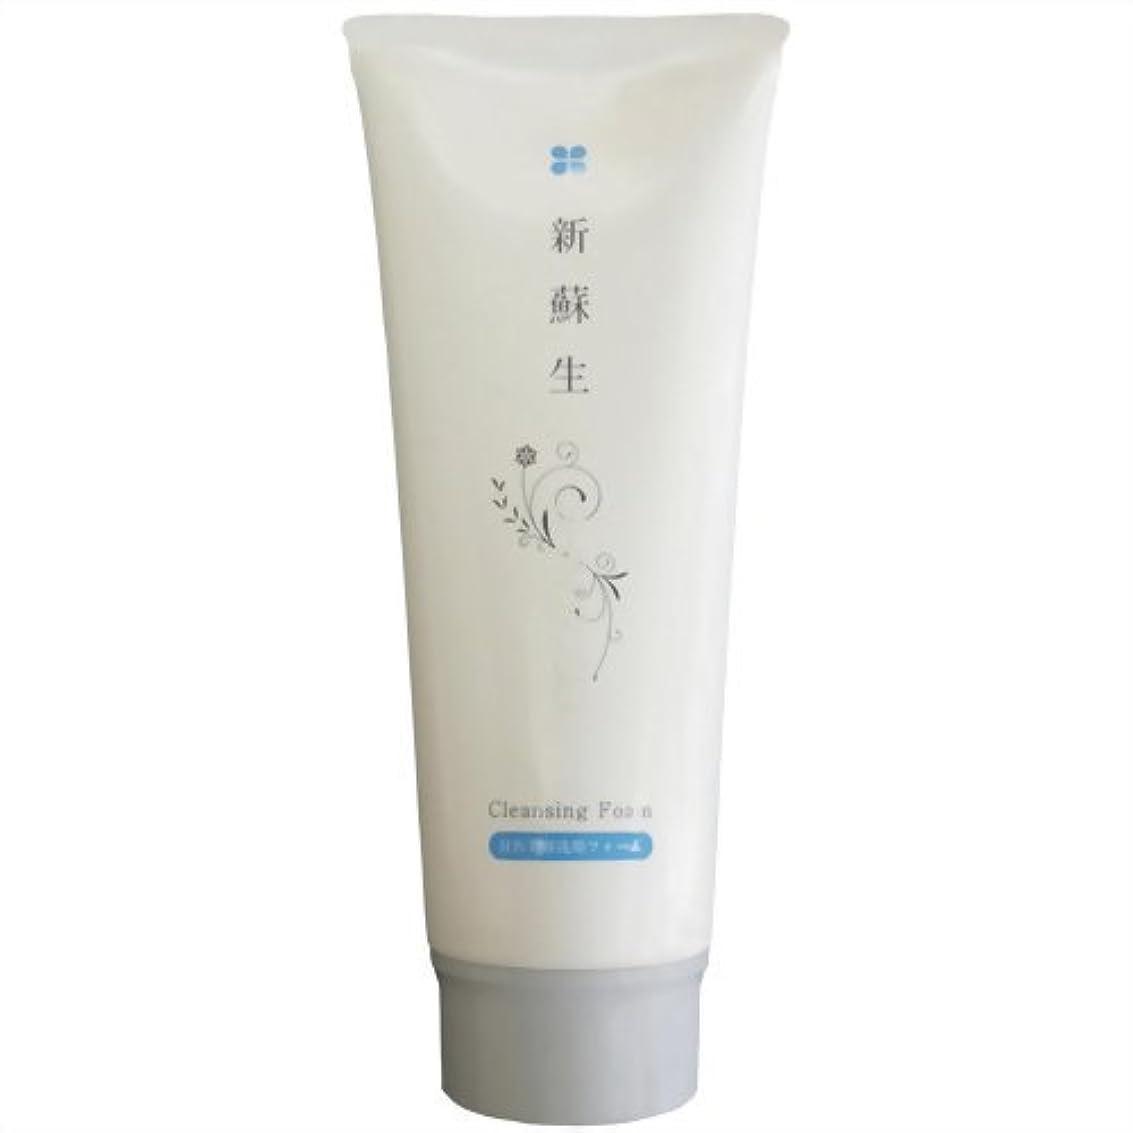 もっと少なくふさわしい特徴づける新蘇生 日医美容洗顔フォーム 120g